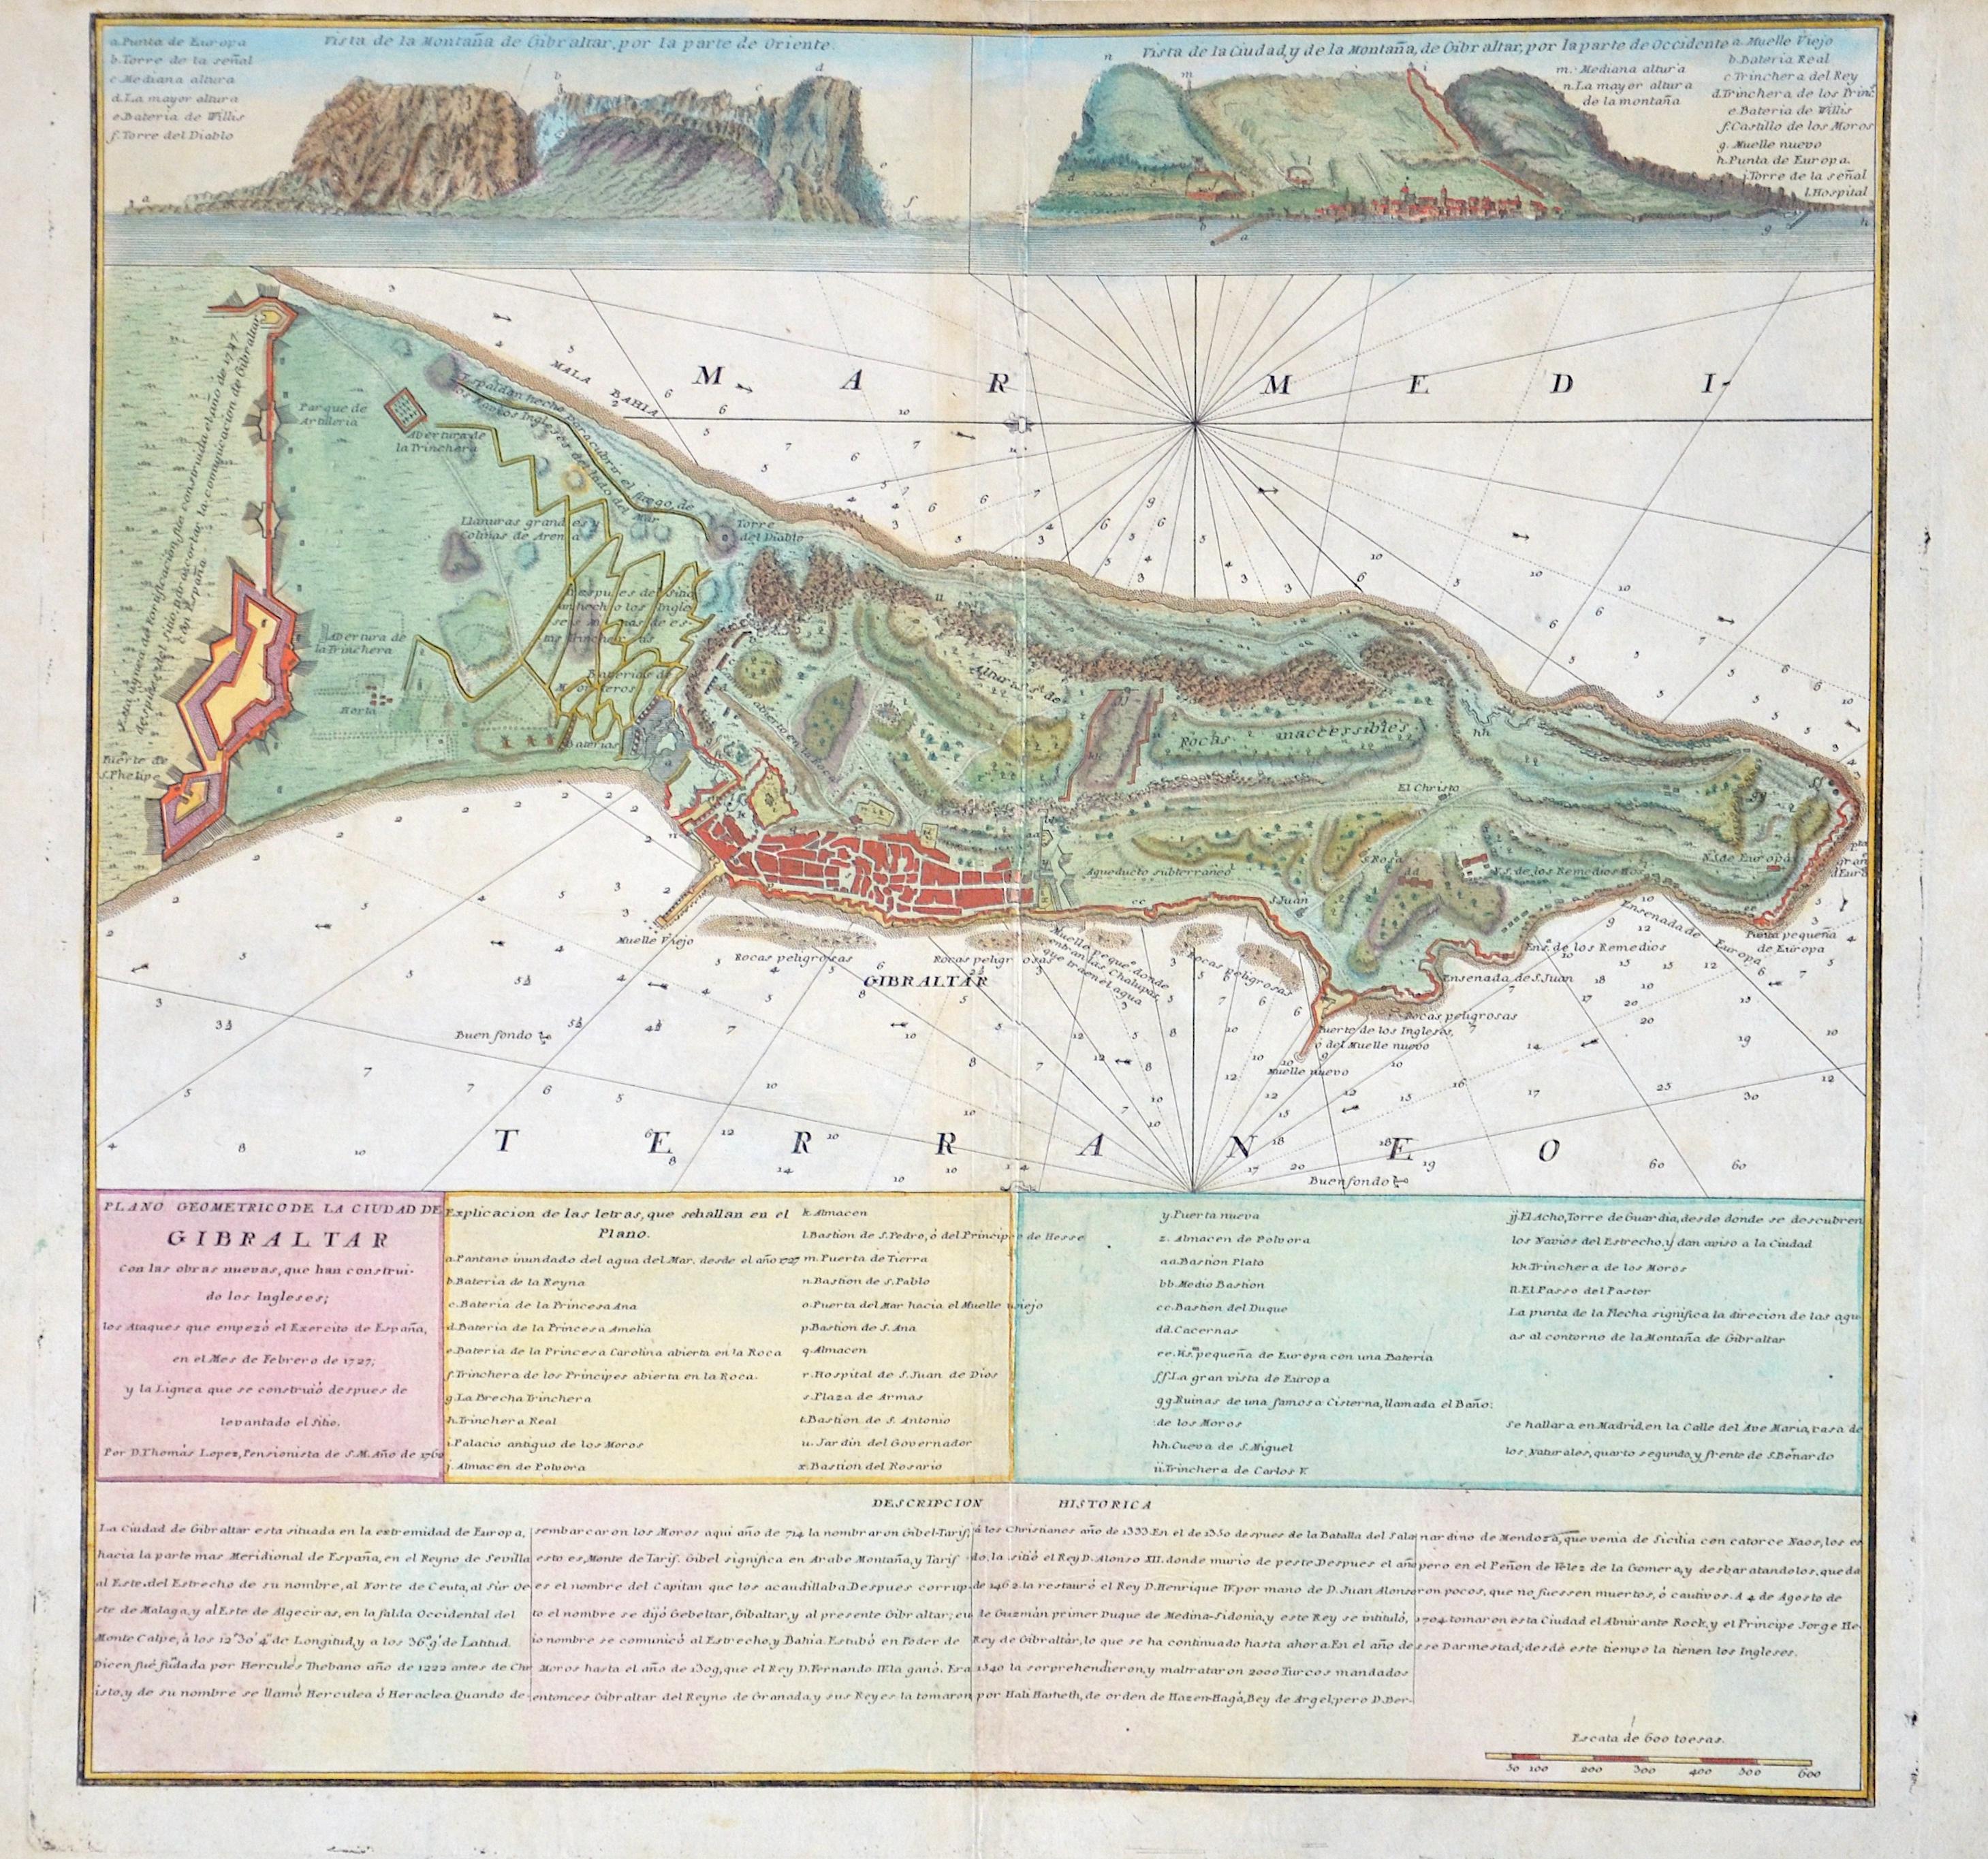 Lopez D. Thomás Plano Geometrico de la Ciud ad de Gibraltar.